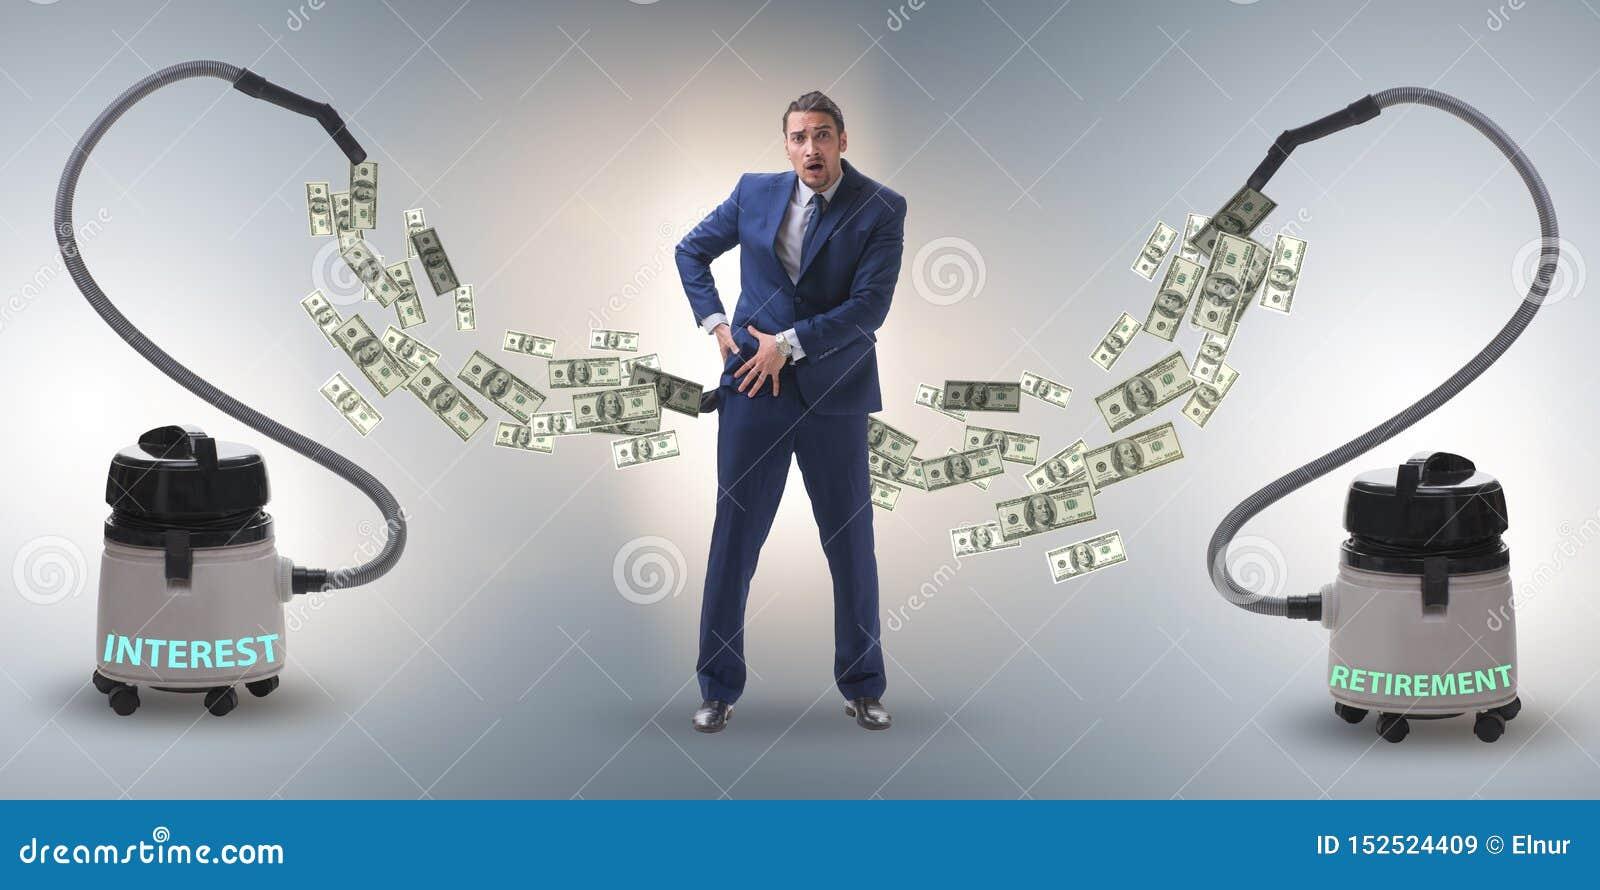 Бизнесмен и пылесос сосать деньги из его